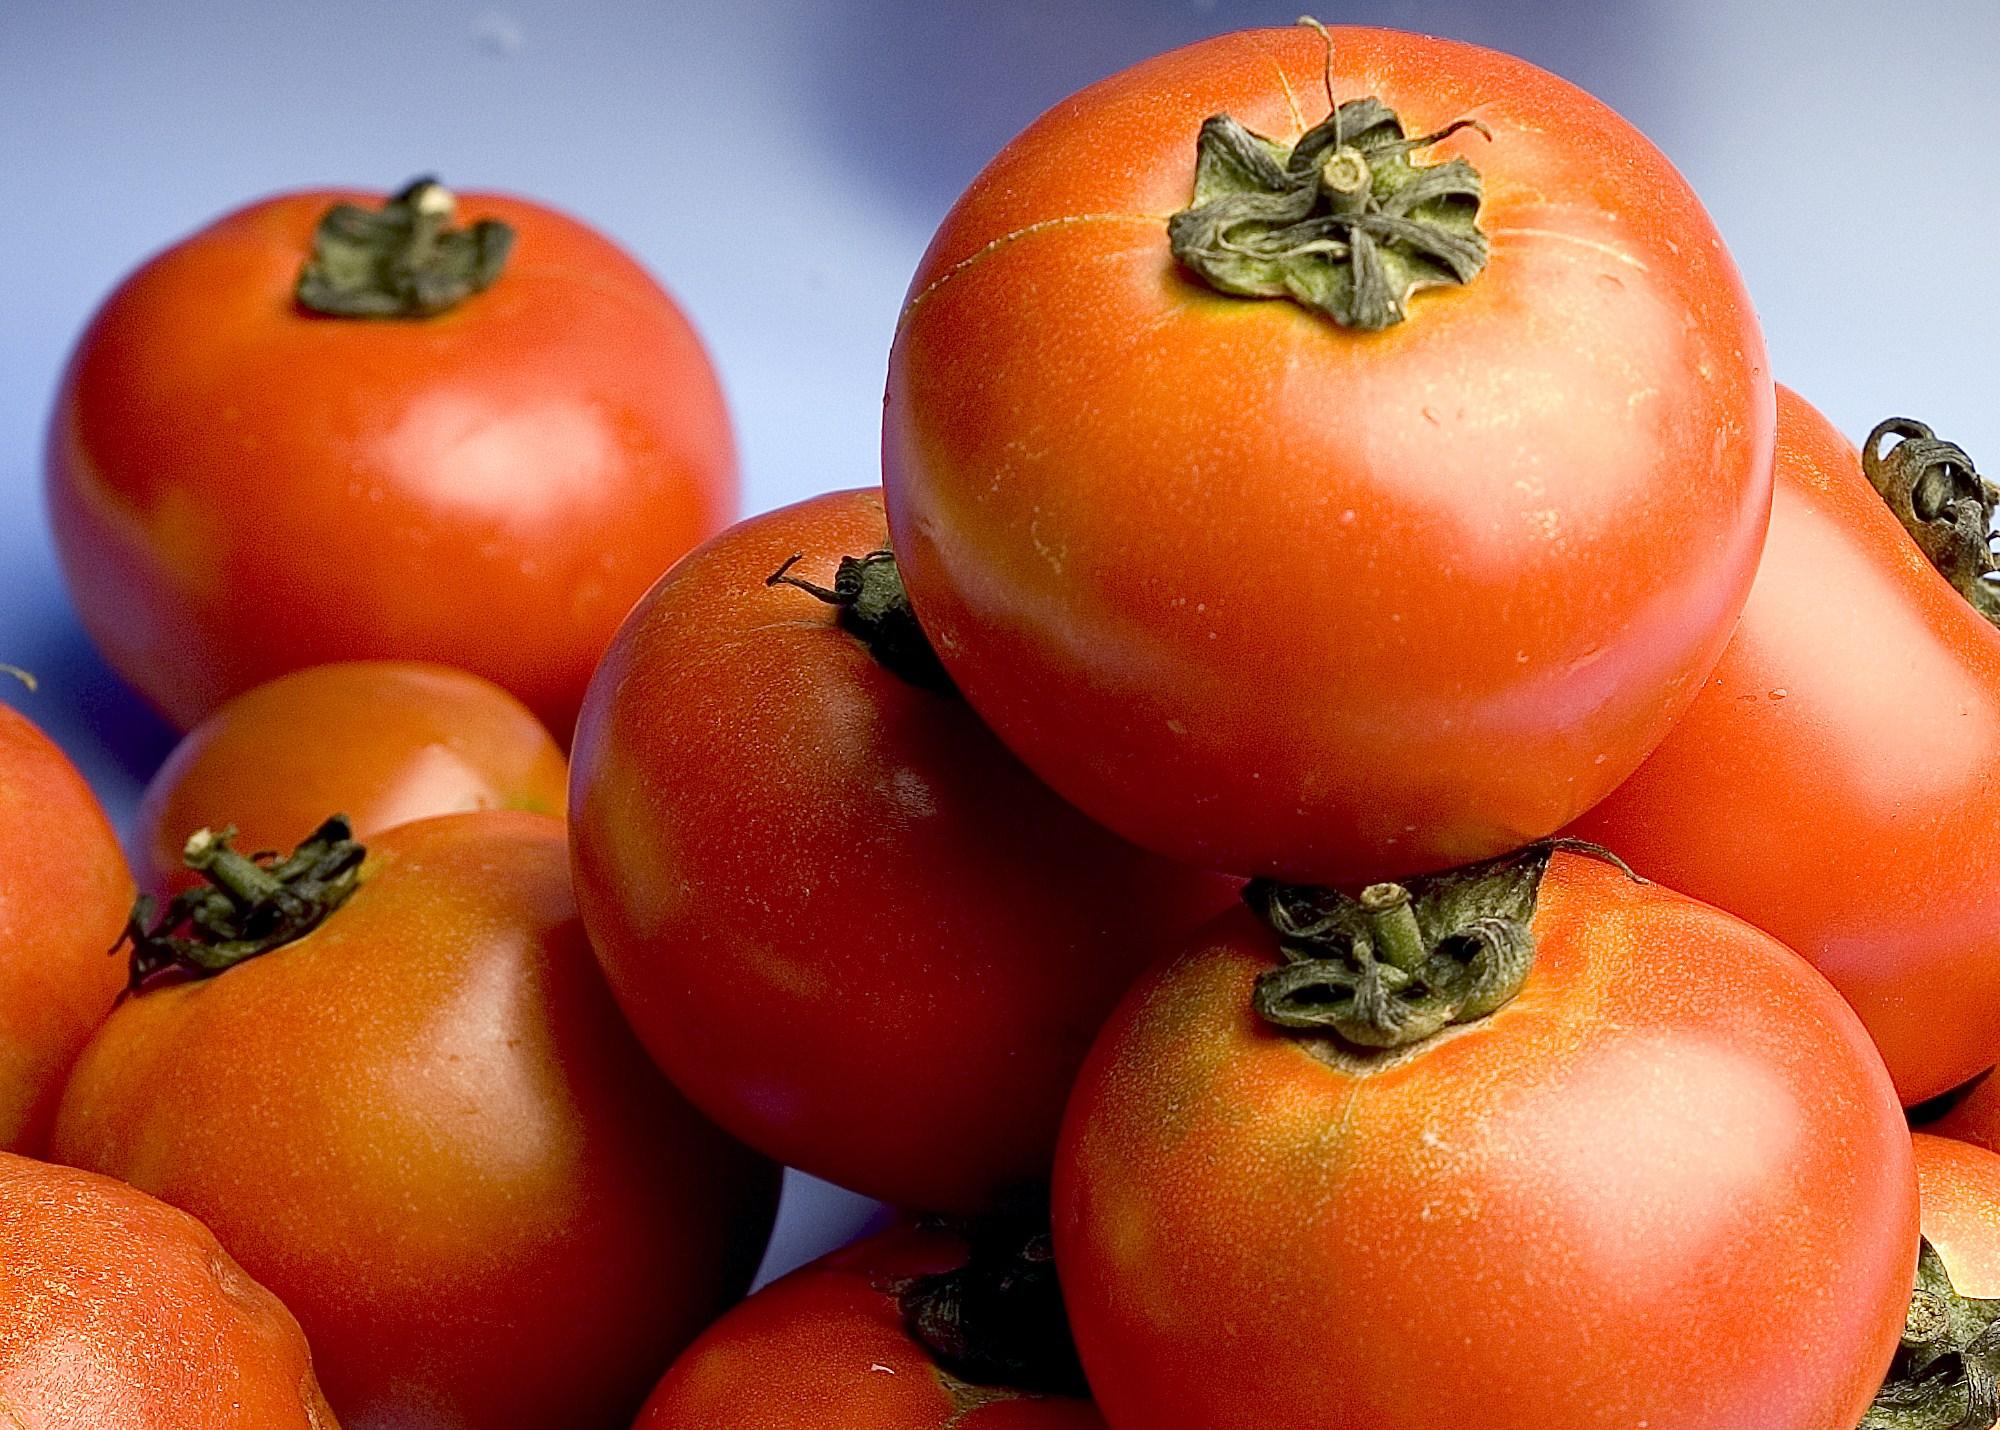 Abbronzatura, arriva la pillola al pomodoro che protegge la pelle